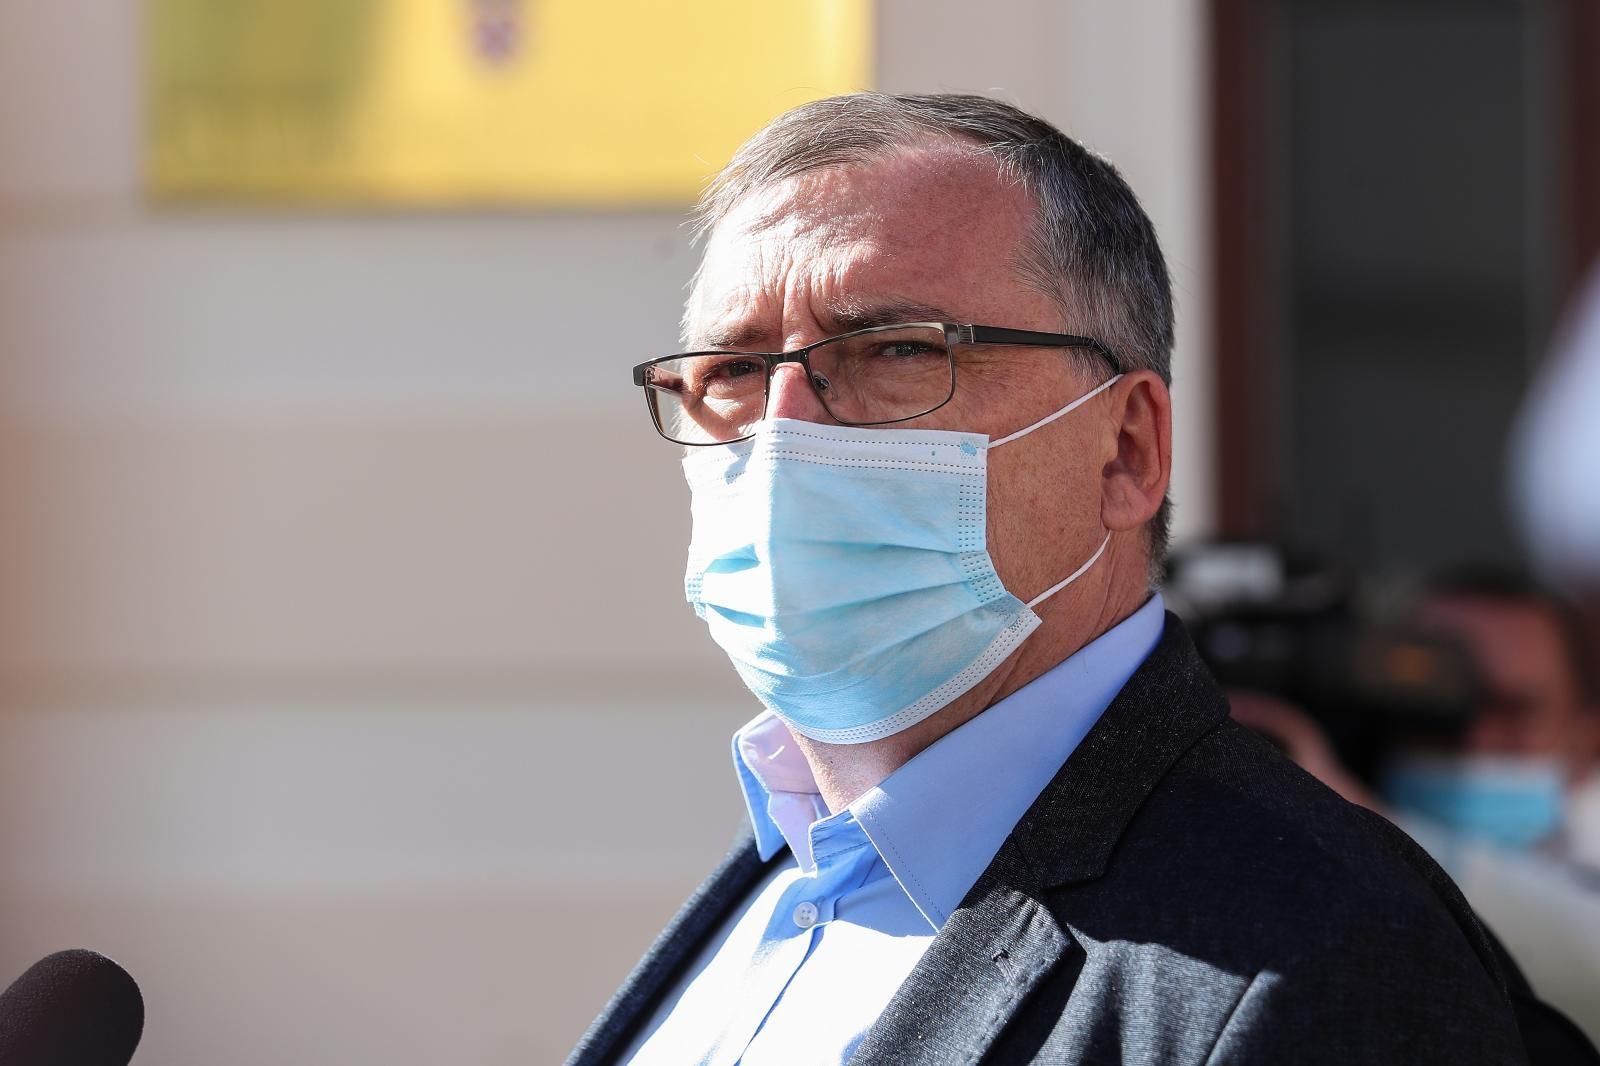 ZABRINJAVAJUĆI OTKRIĆE: Mutirani soj virusa vjerojatno će izazvati više smrti; Znanstvenici pozivaju na brže cijepljenje